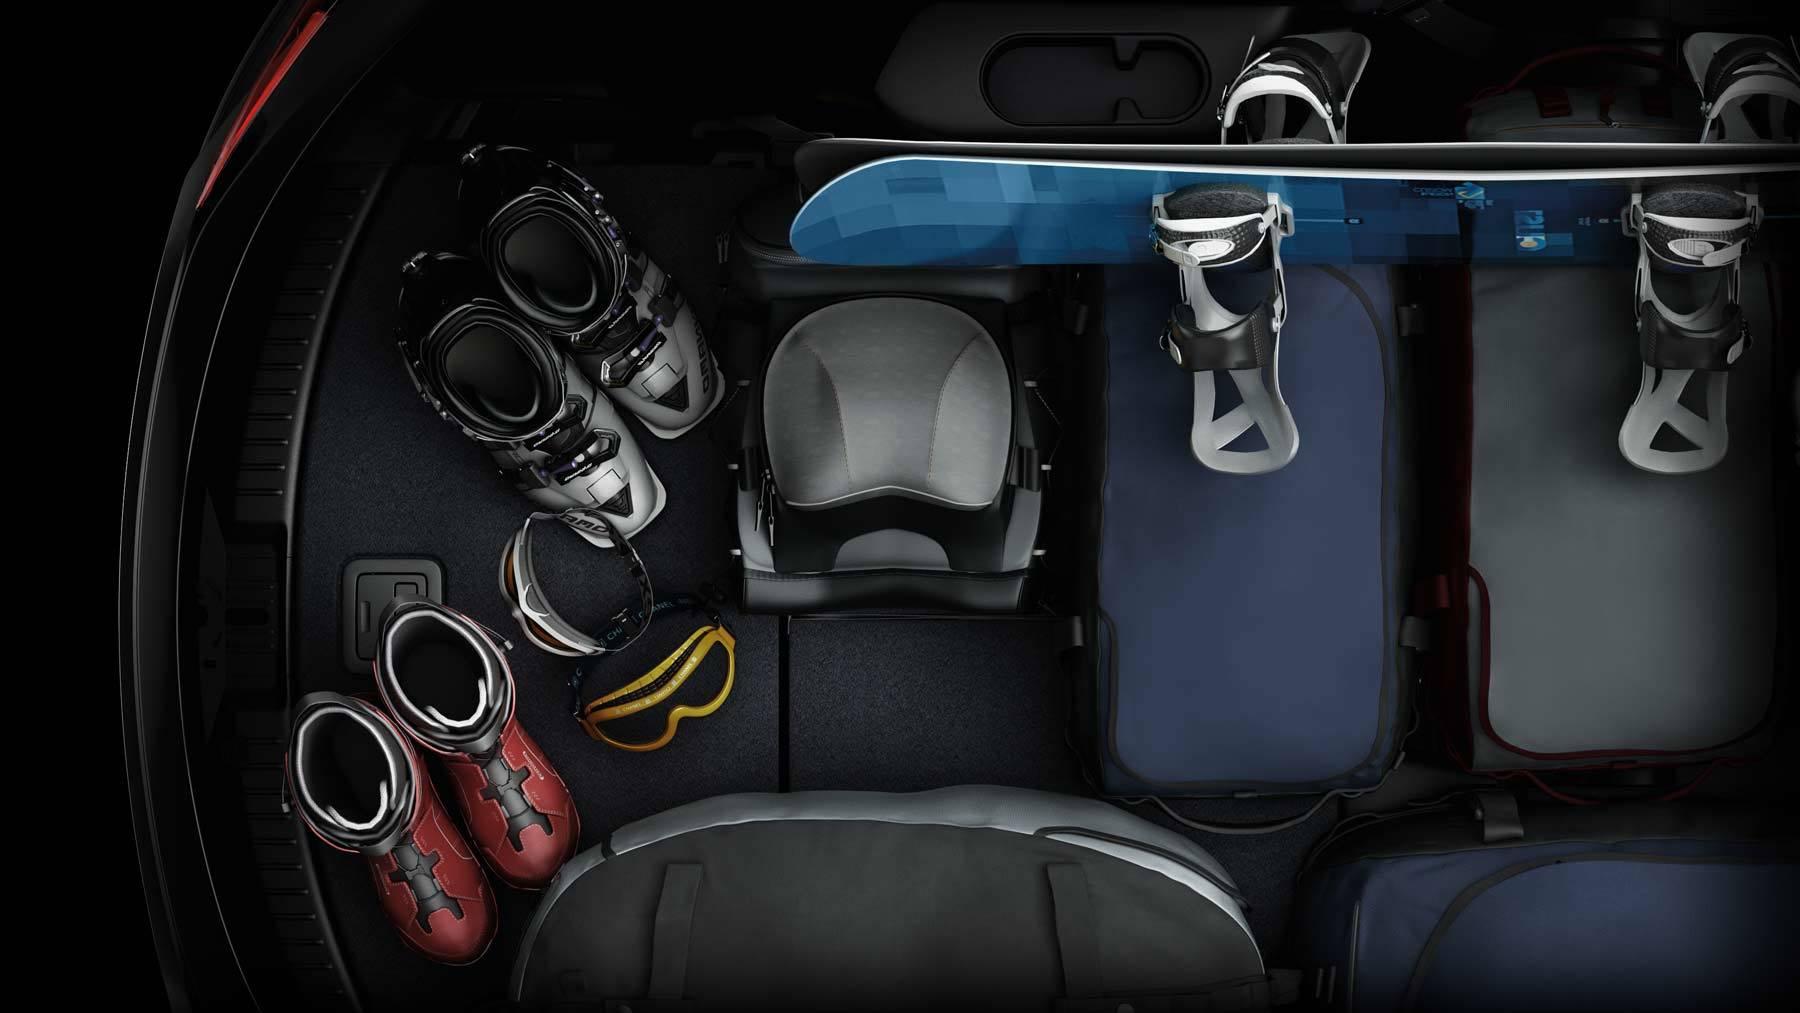 Plenty of Storage Space in the Mazda CX-9